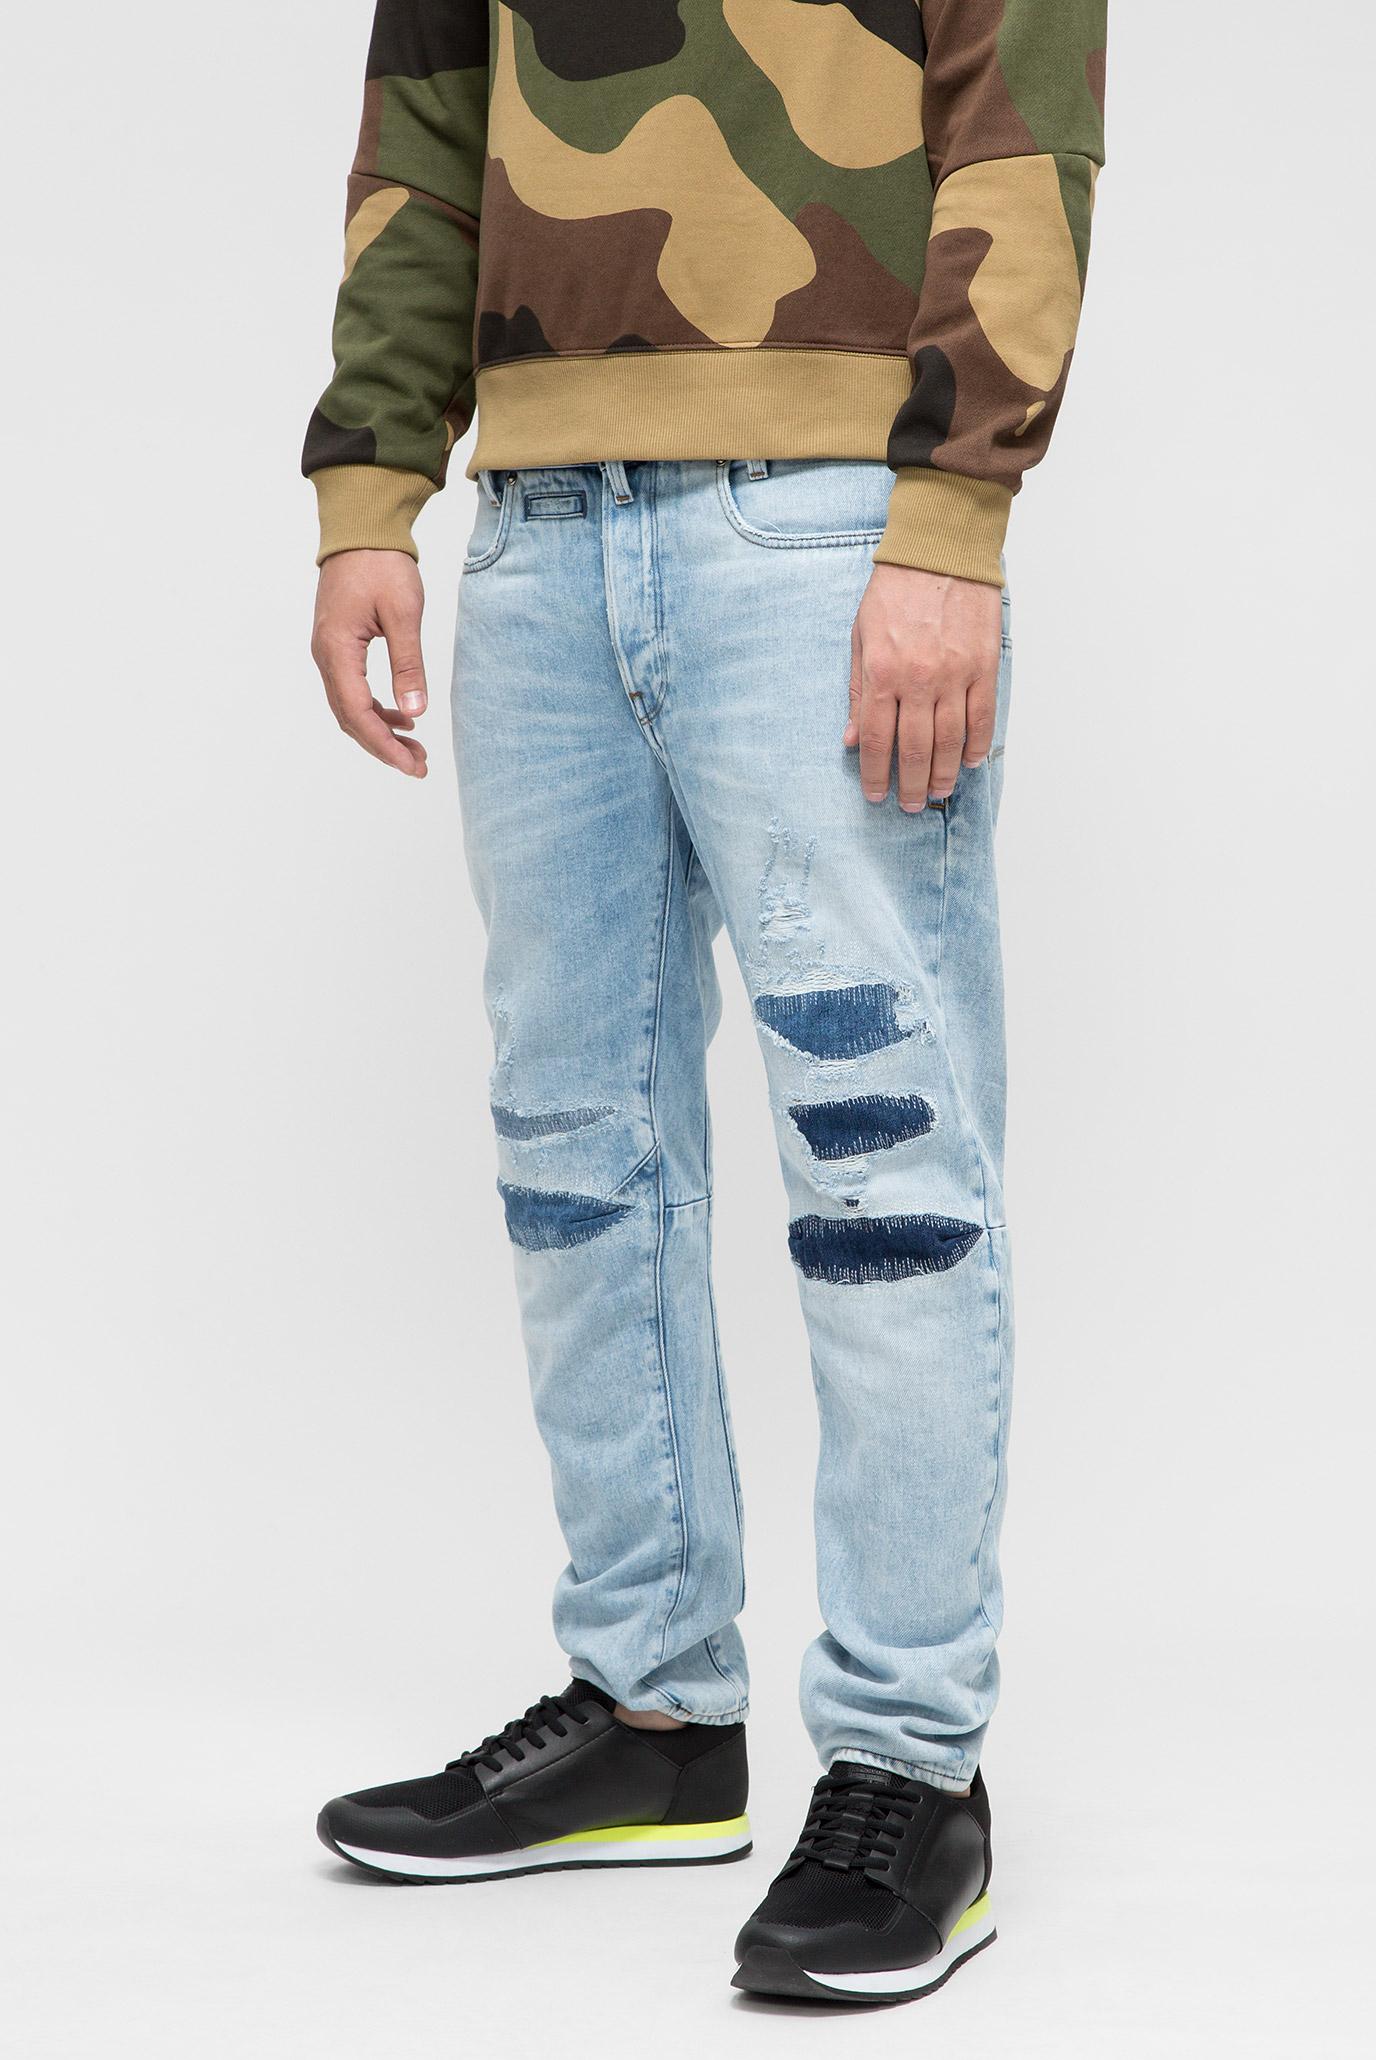 Купить Мужские голубые джинсы D-Staq 3D Tapered 3dr G-Star RAW G-Star RAW D08363,9169 – Киев, Украина. Цены в интернет магазине MD Fashion